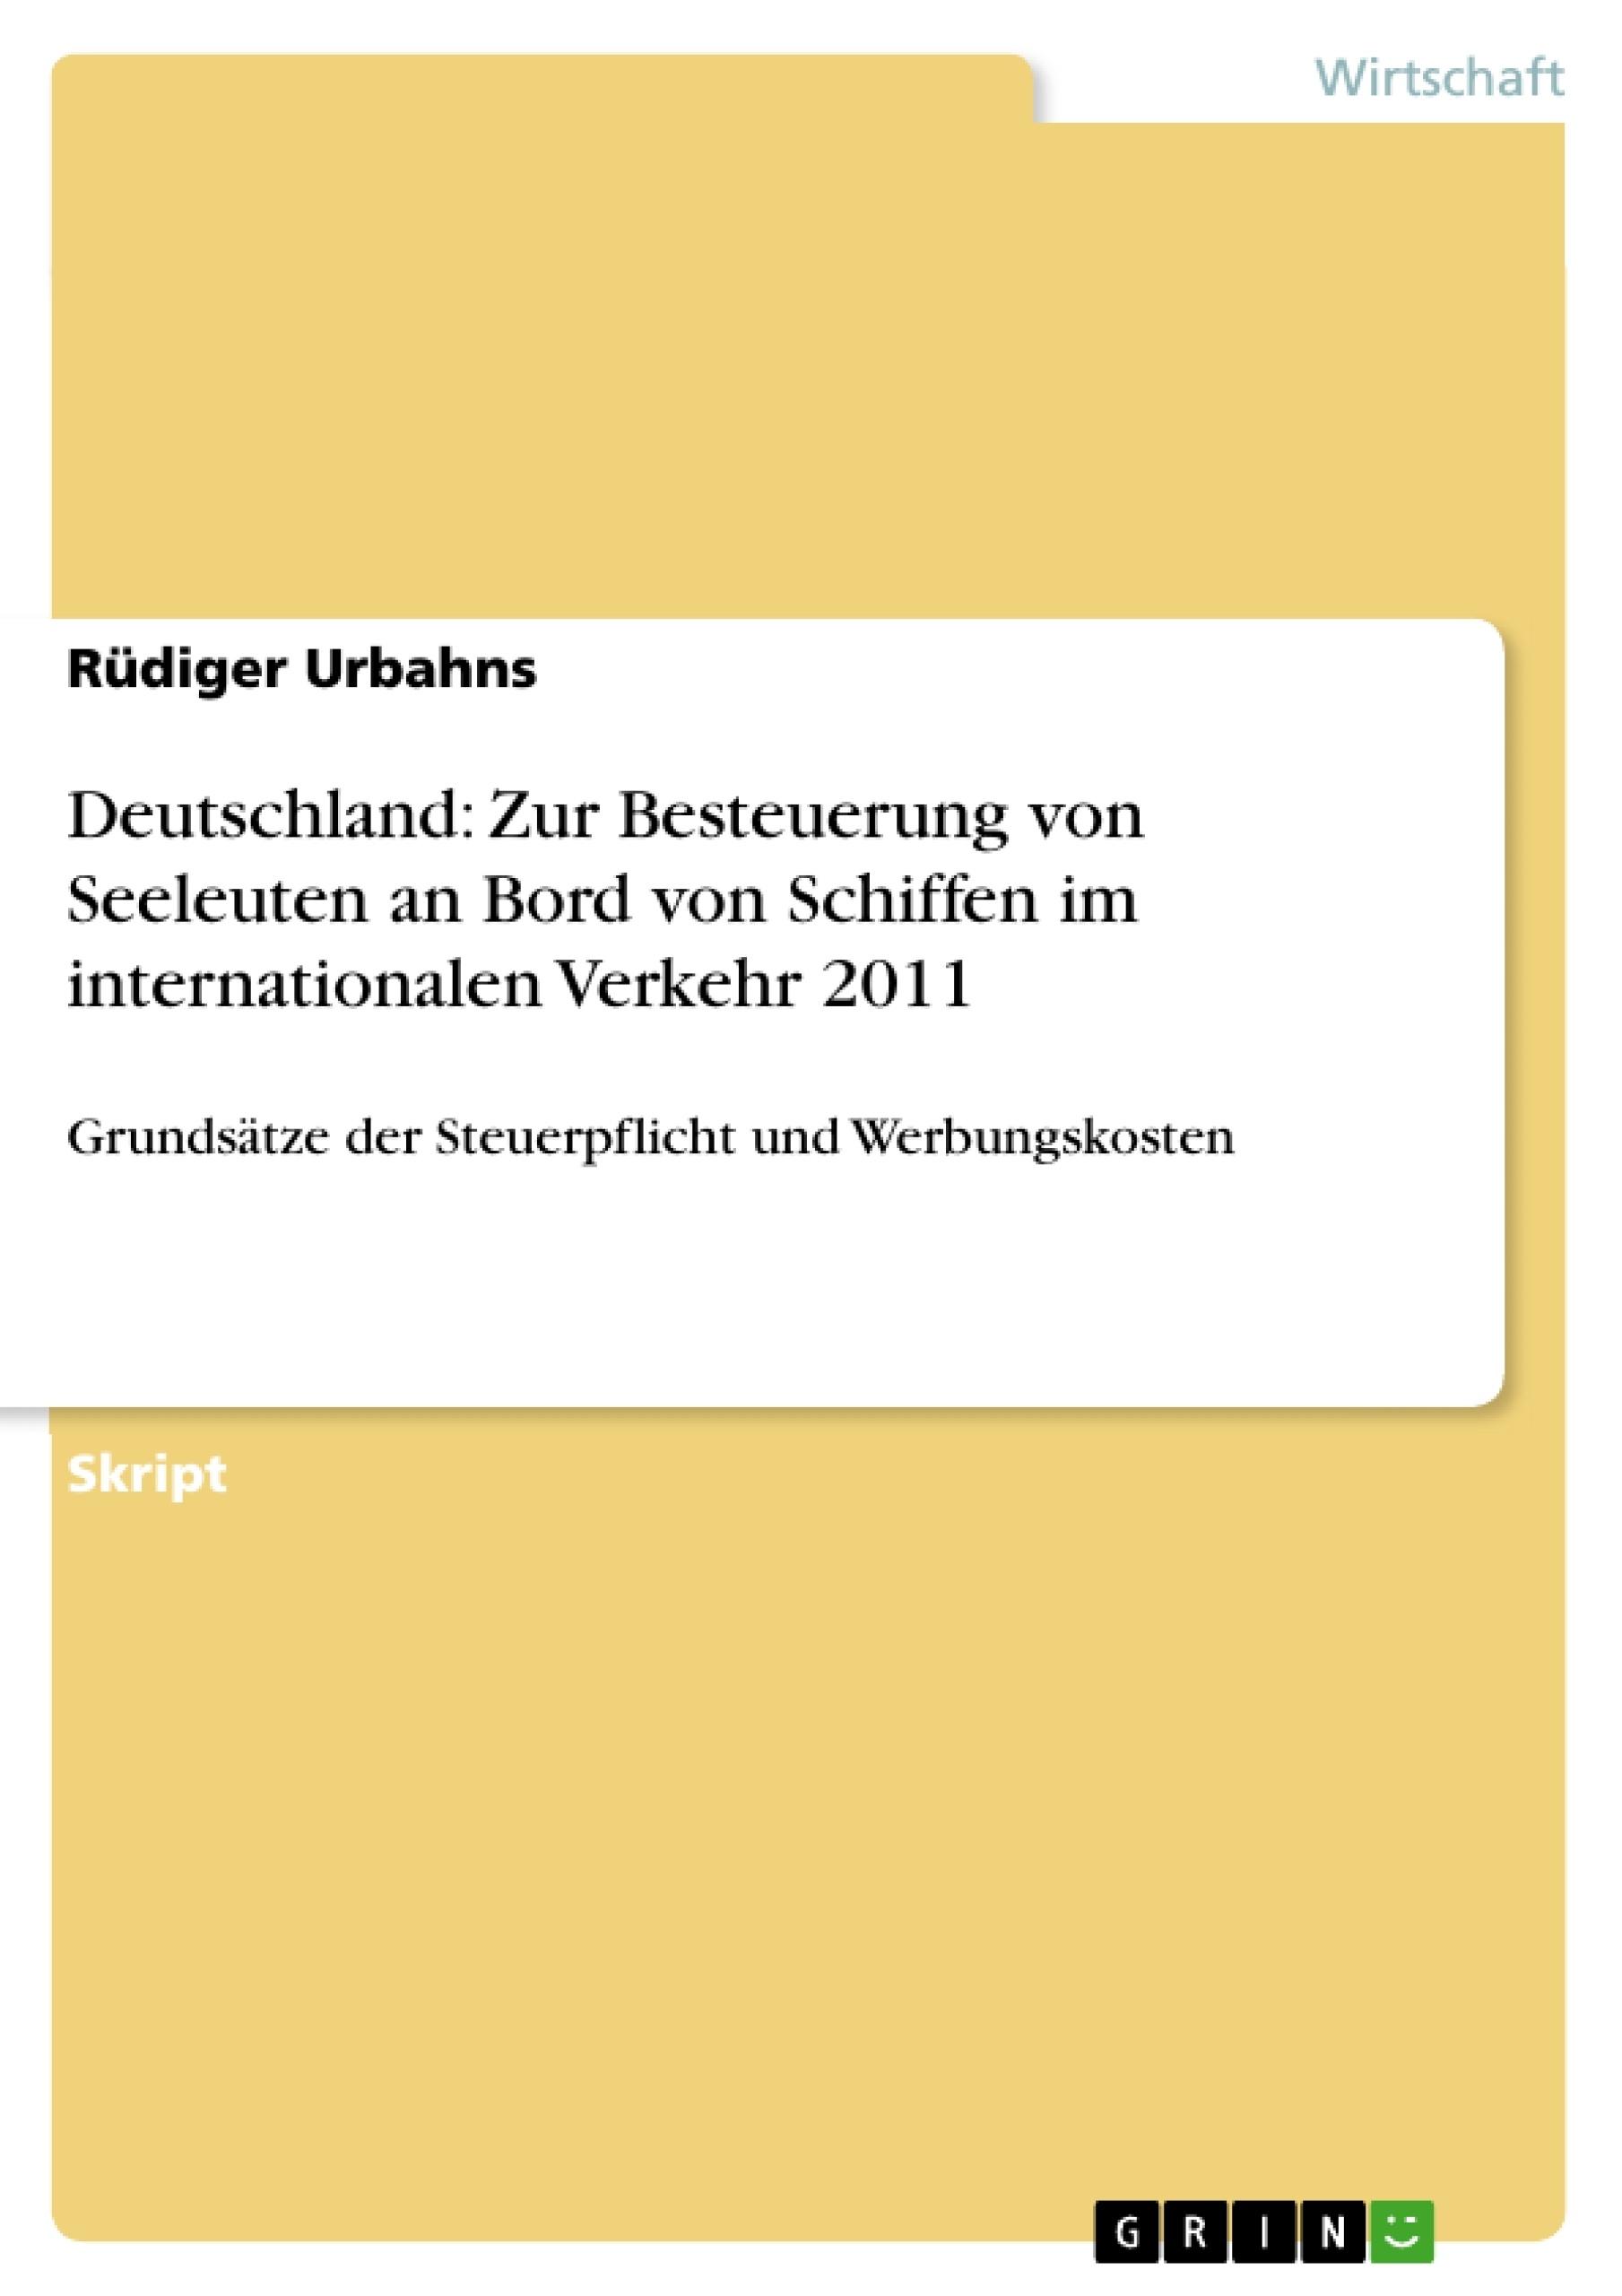 Titel: Deutschland: Zur Besteuerung von Seeleuten an Bord von Schiffen im internationalen Verkehr 2011